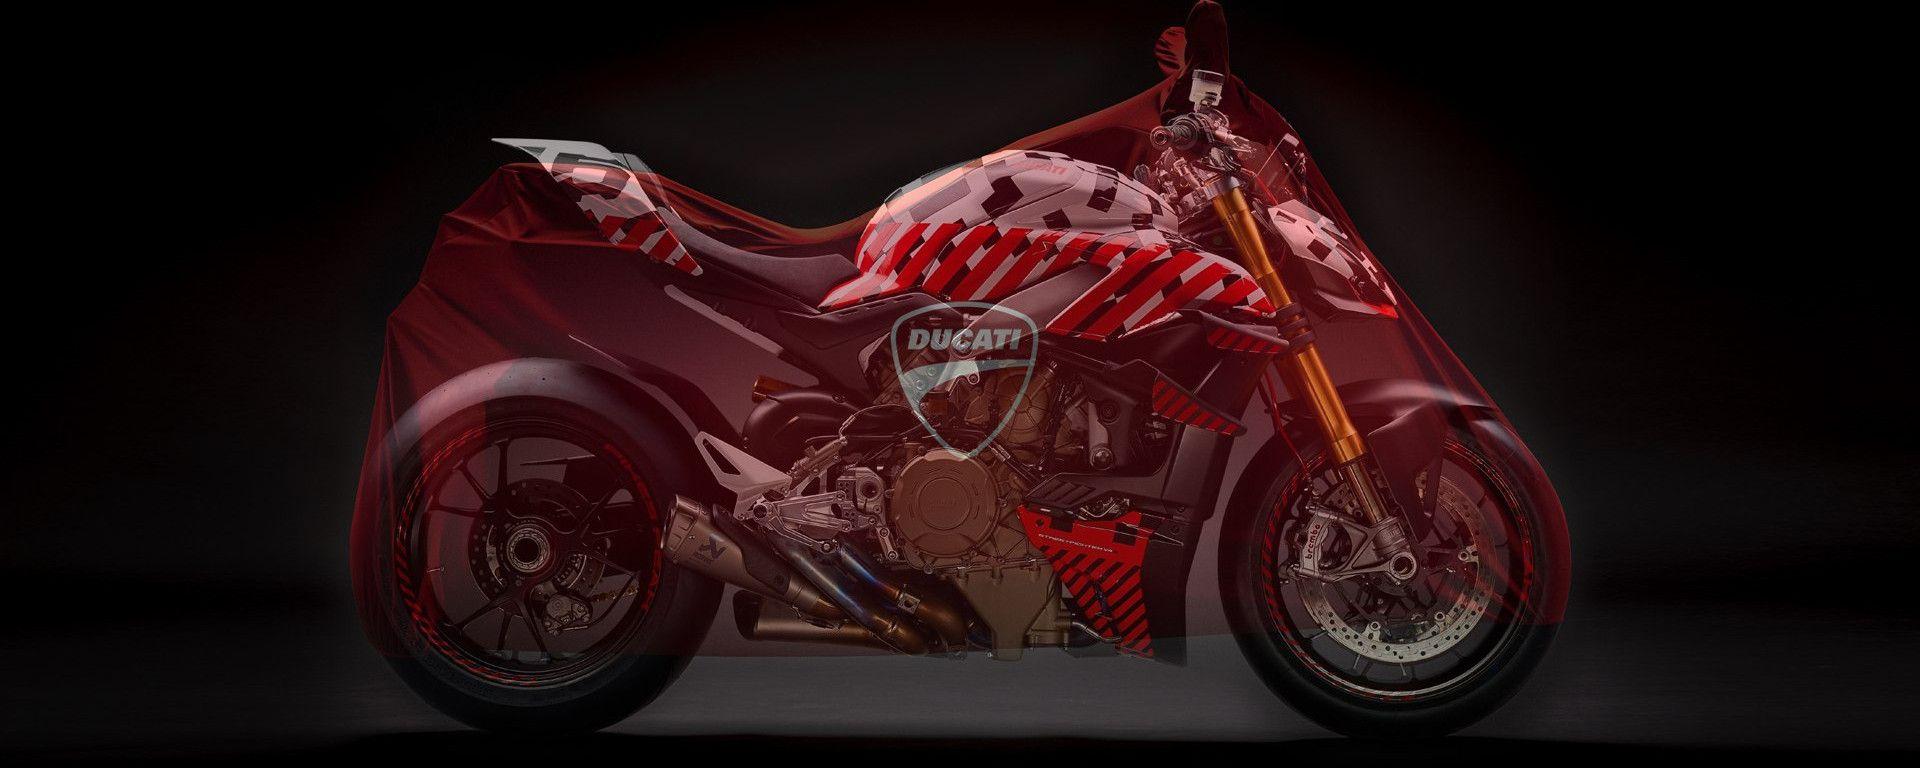 Ducati World Premiere: è la Ducati Streetfighter V4 la moto sotto al telo?